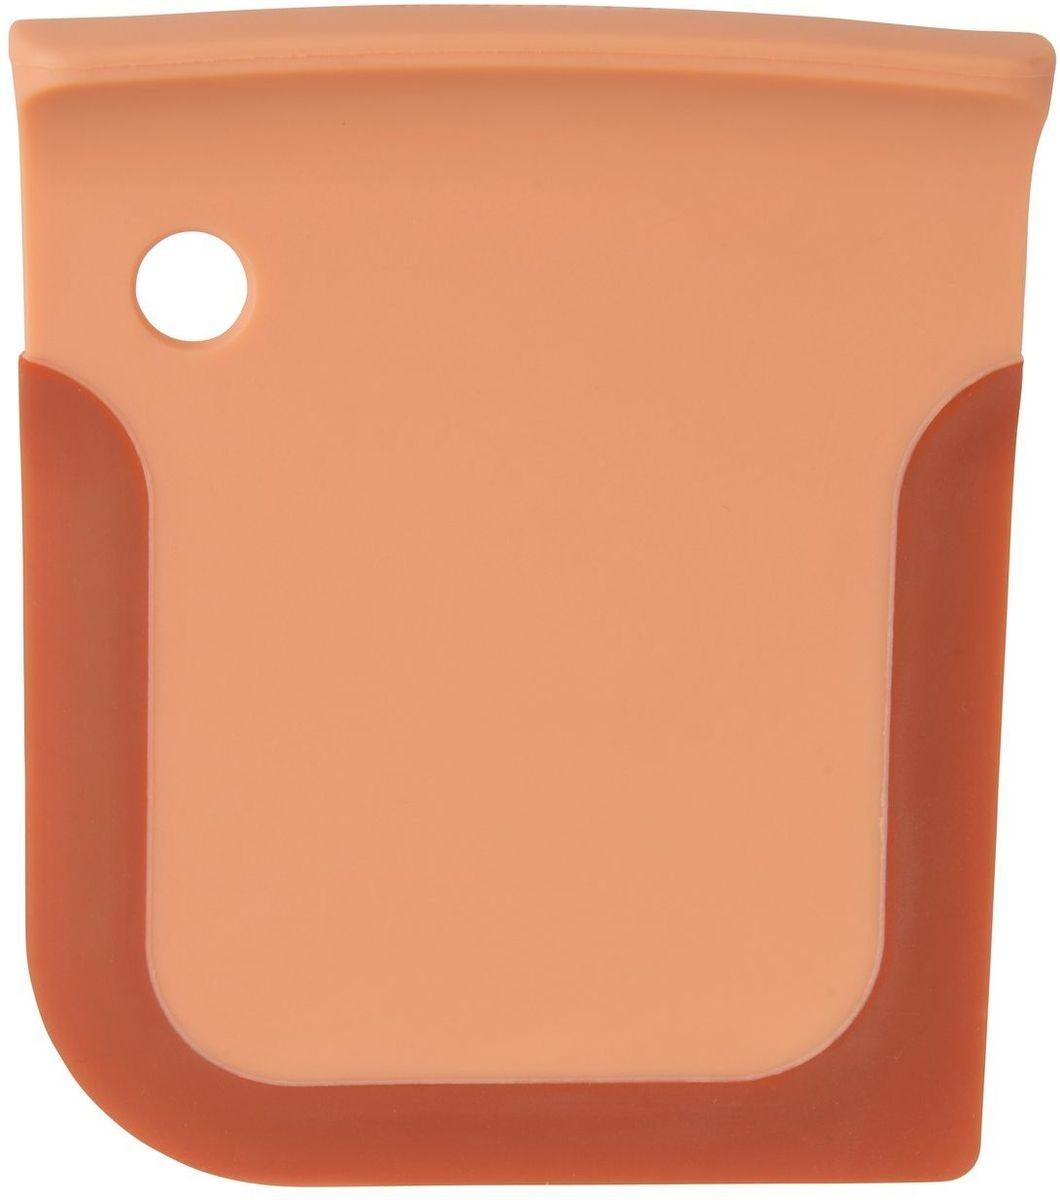 Скребок кухонный BergHOFF Leo, длина 10,5 см3950026Пропиленовый скребок BergHOFF Leo призван уменьшить беспорядок на рабочем столе и сделать процесс приготовления выпечки более практичным. Гибкие края скребка подойдут для мисок любой формы и размера, а жесткий сердечник обеспечит лучший контроль при смешивании. Также очень удобен для перемешивания теста в миске. Для хранения подвесьте скребок за специальное отверстие.